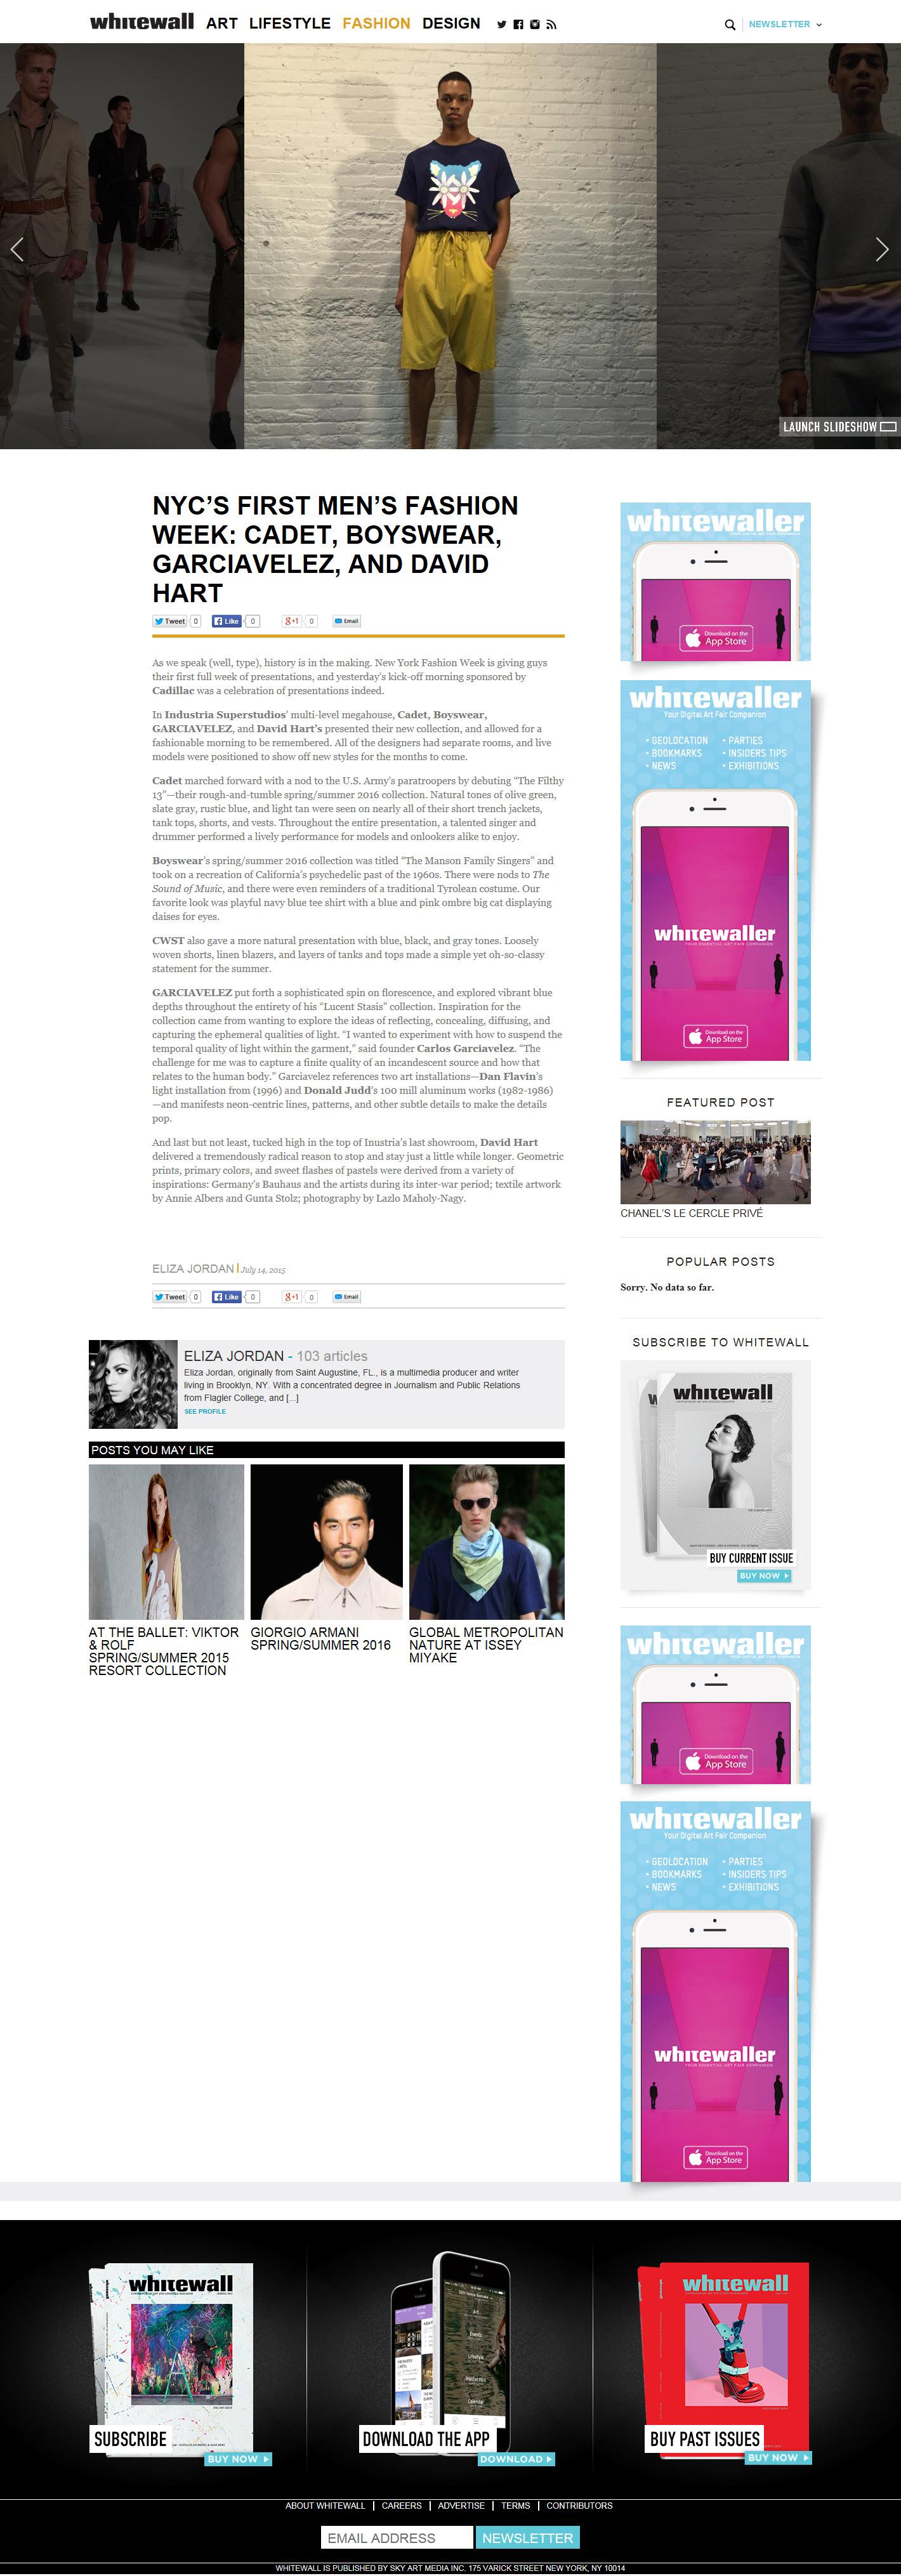 WhitewallMag.com Boyswear 7.14.15.jpg